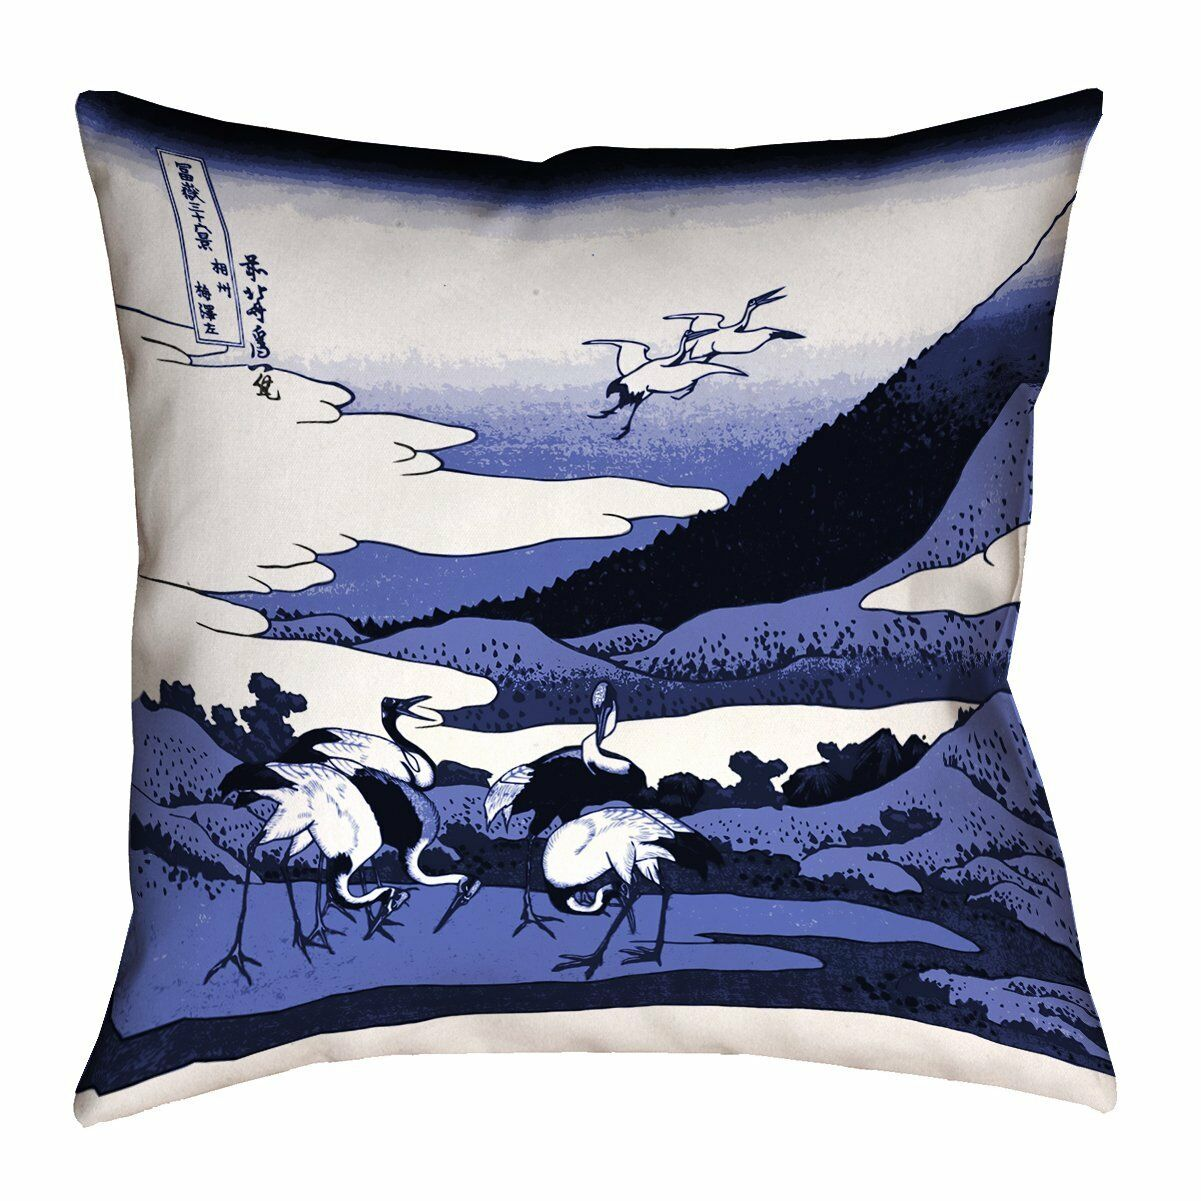 ArtVerse Katsushika Hokusai Japanese Courtesan Poly Twill Double Sided Print Throw Pillow Green//Blue 26 x 26